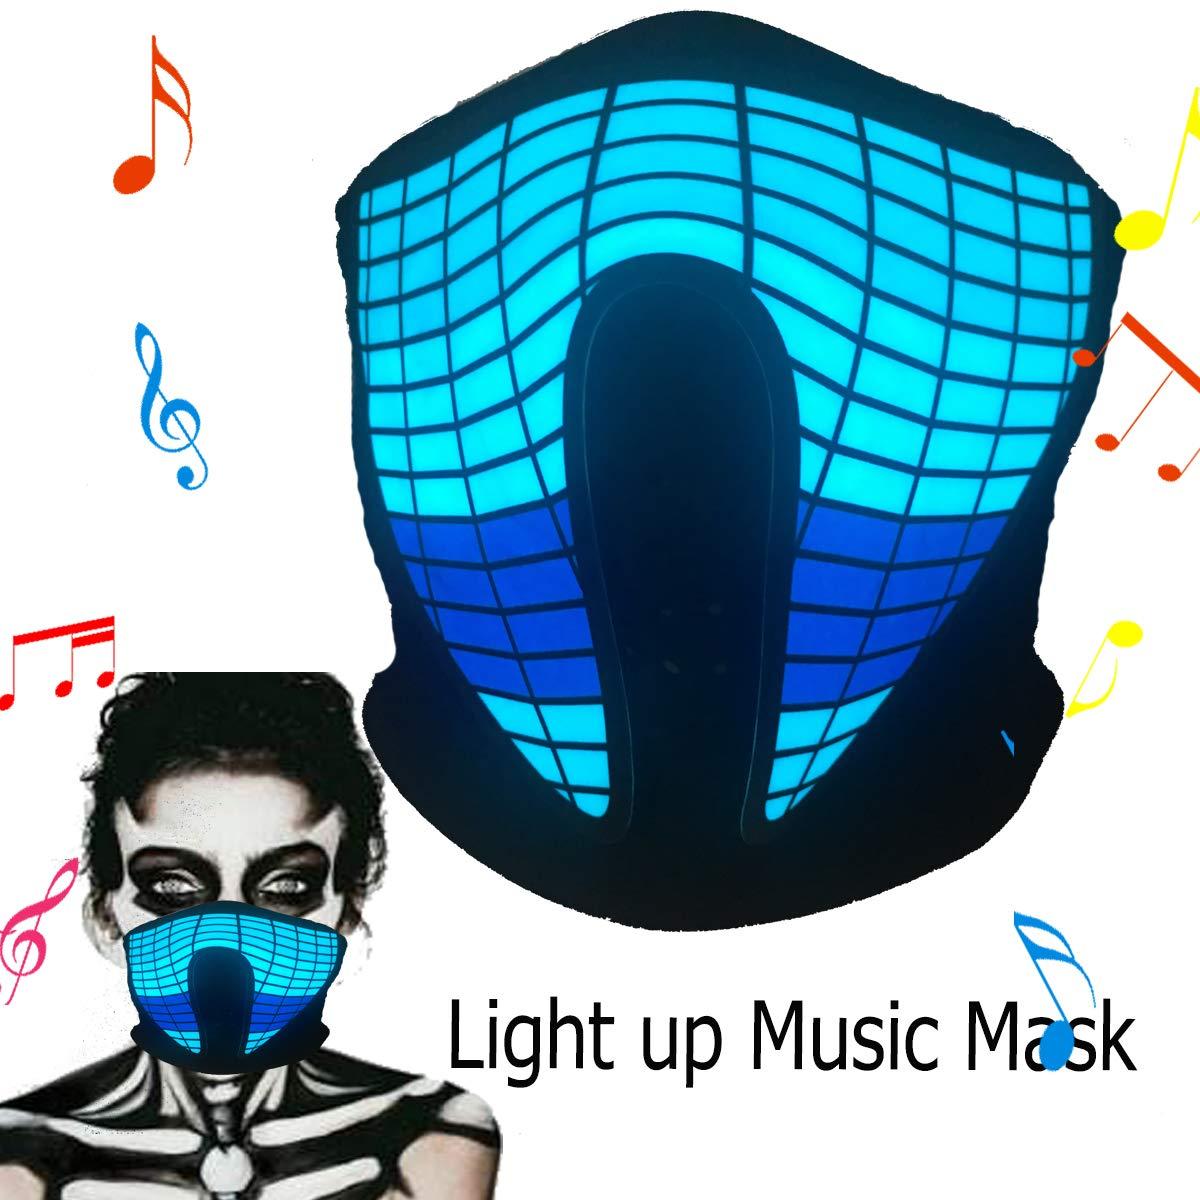 flashingworld Shineworld 音楽LEDパーティーマスク サウンドアクティブ ダンス/ライディング/スケート/パーティー/フェスティバル (クライザーマスク)   B07GLDQS9R